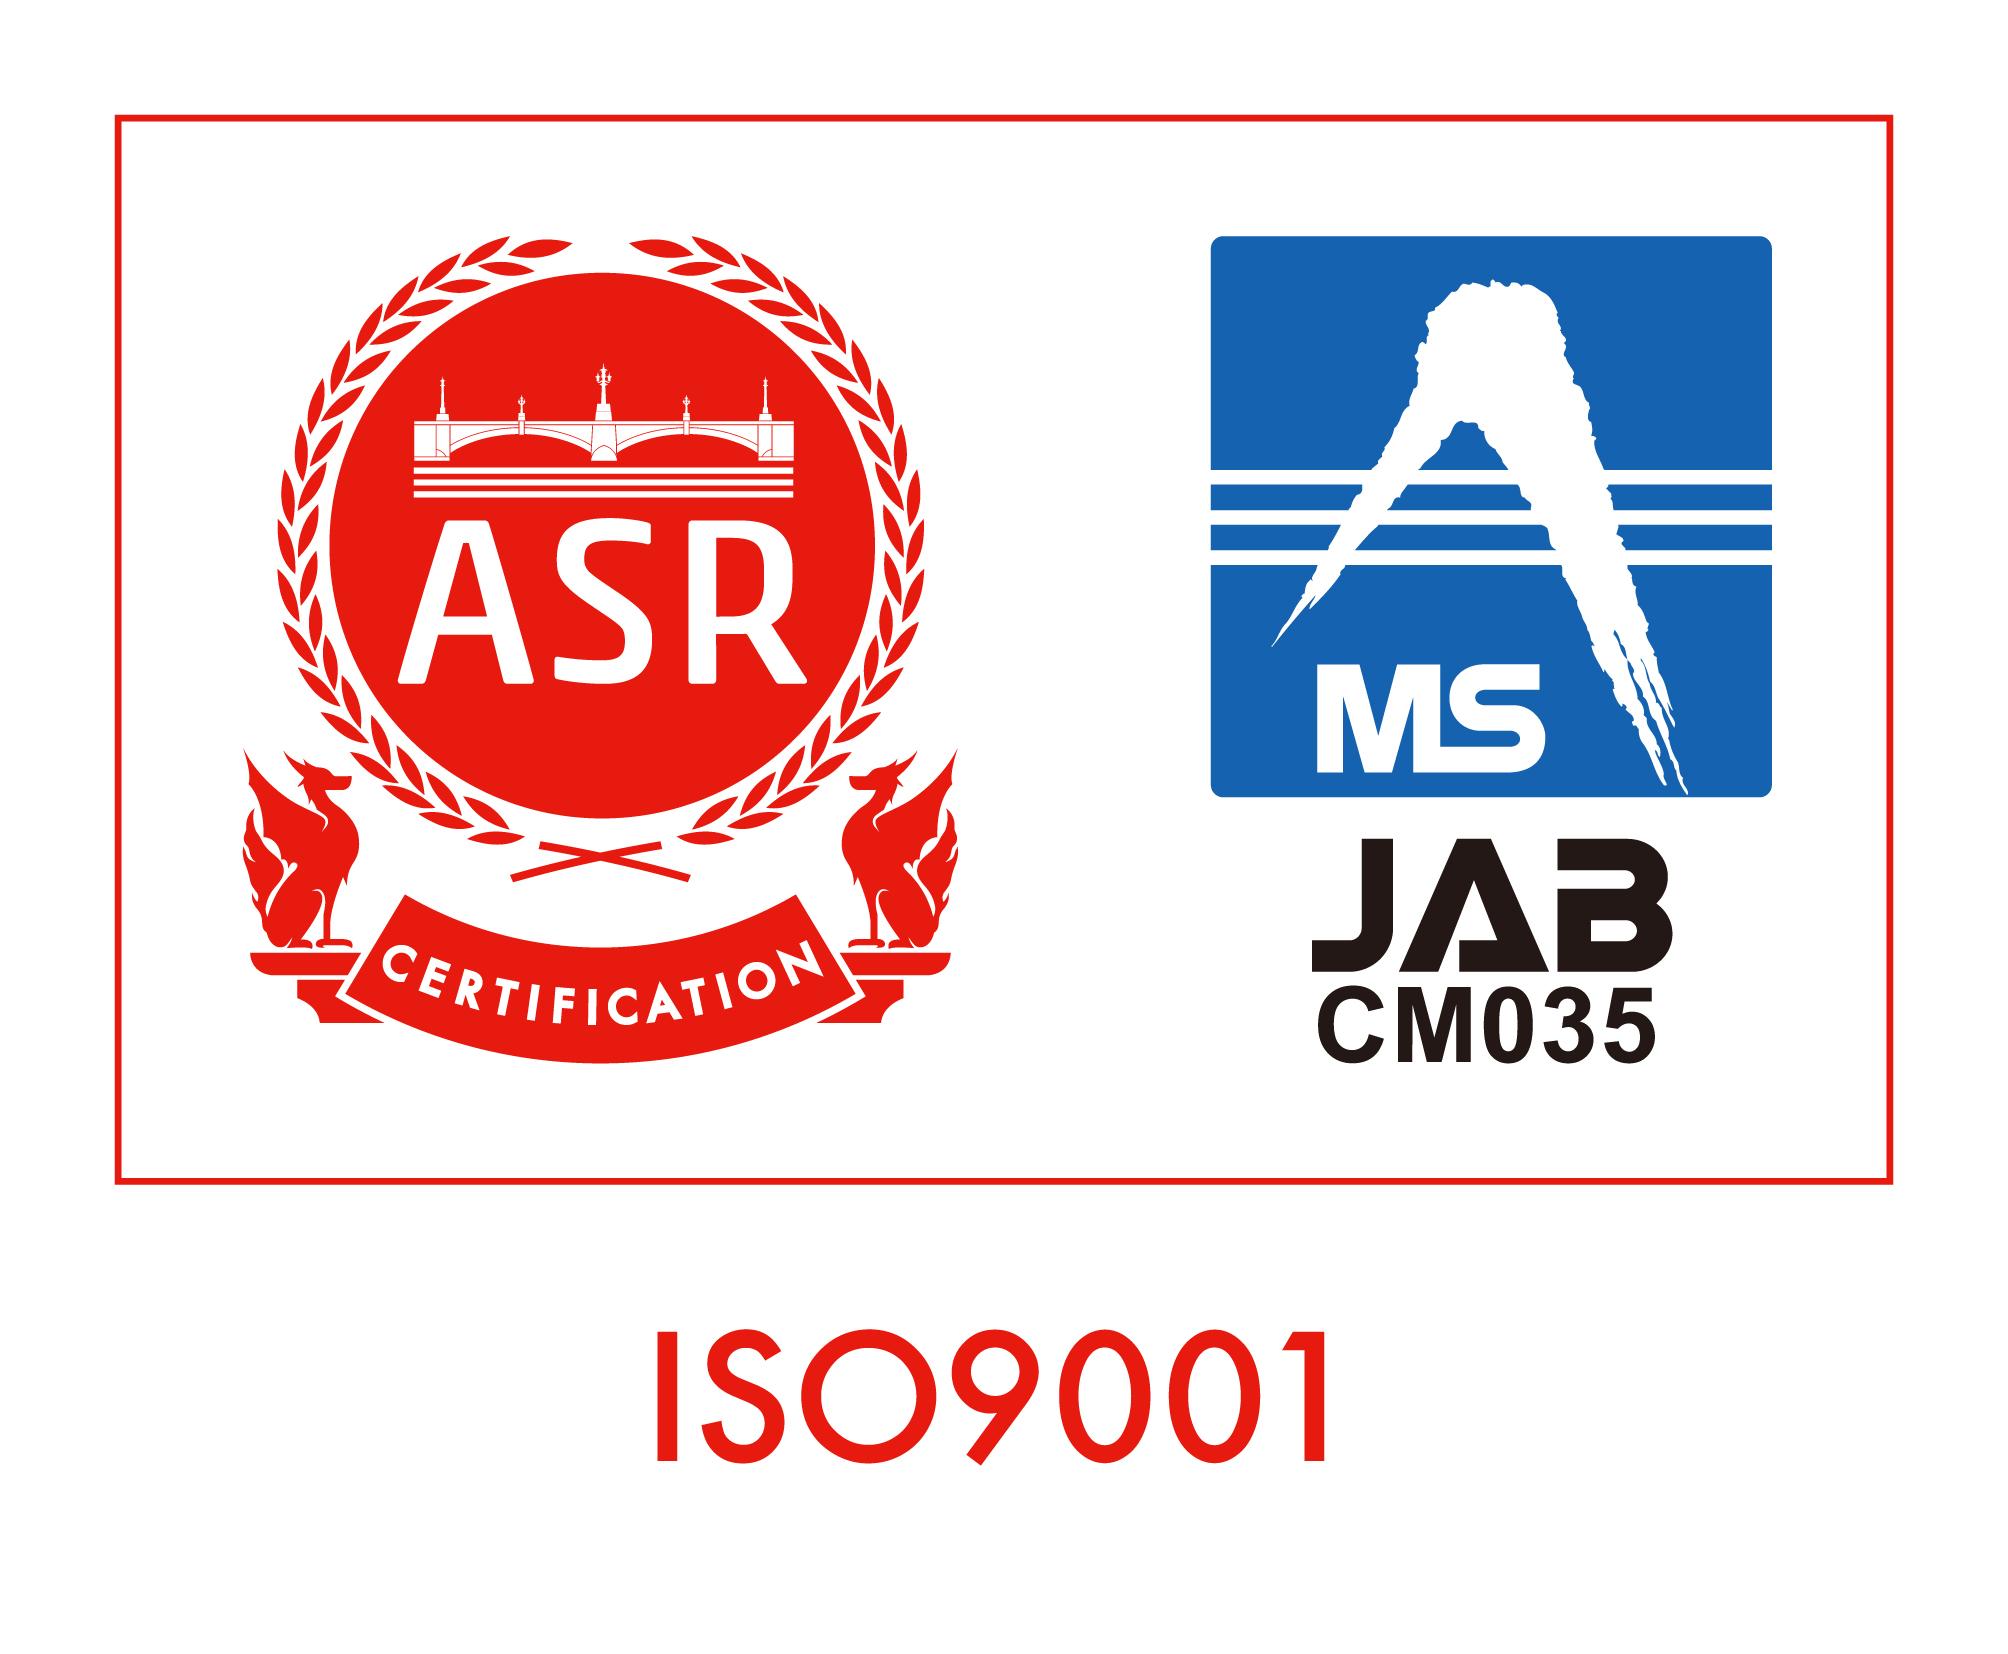 弊社は2004年3月ISO9001:2000を認証取得致しました。